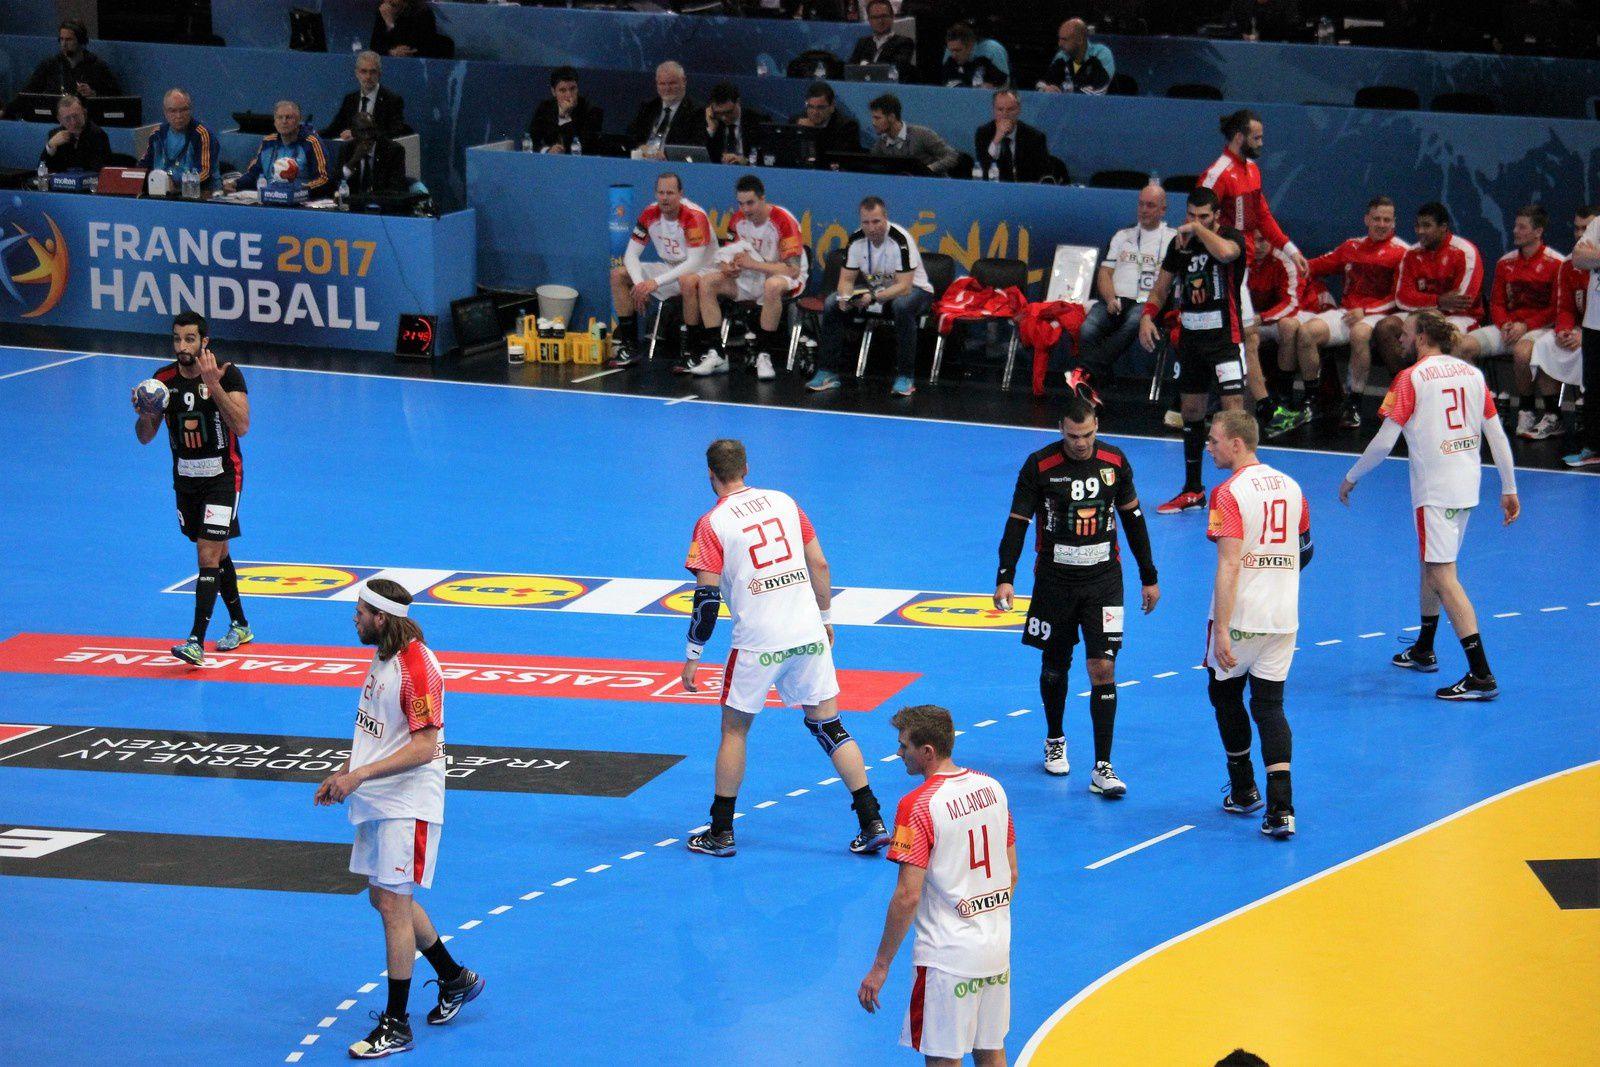 Egypte vs Danemark (Championnat du Monde 2017) 14.01.2017 (2/2)